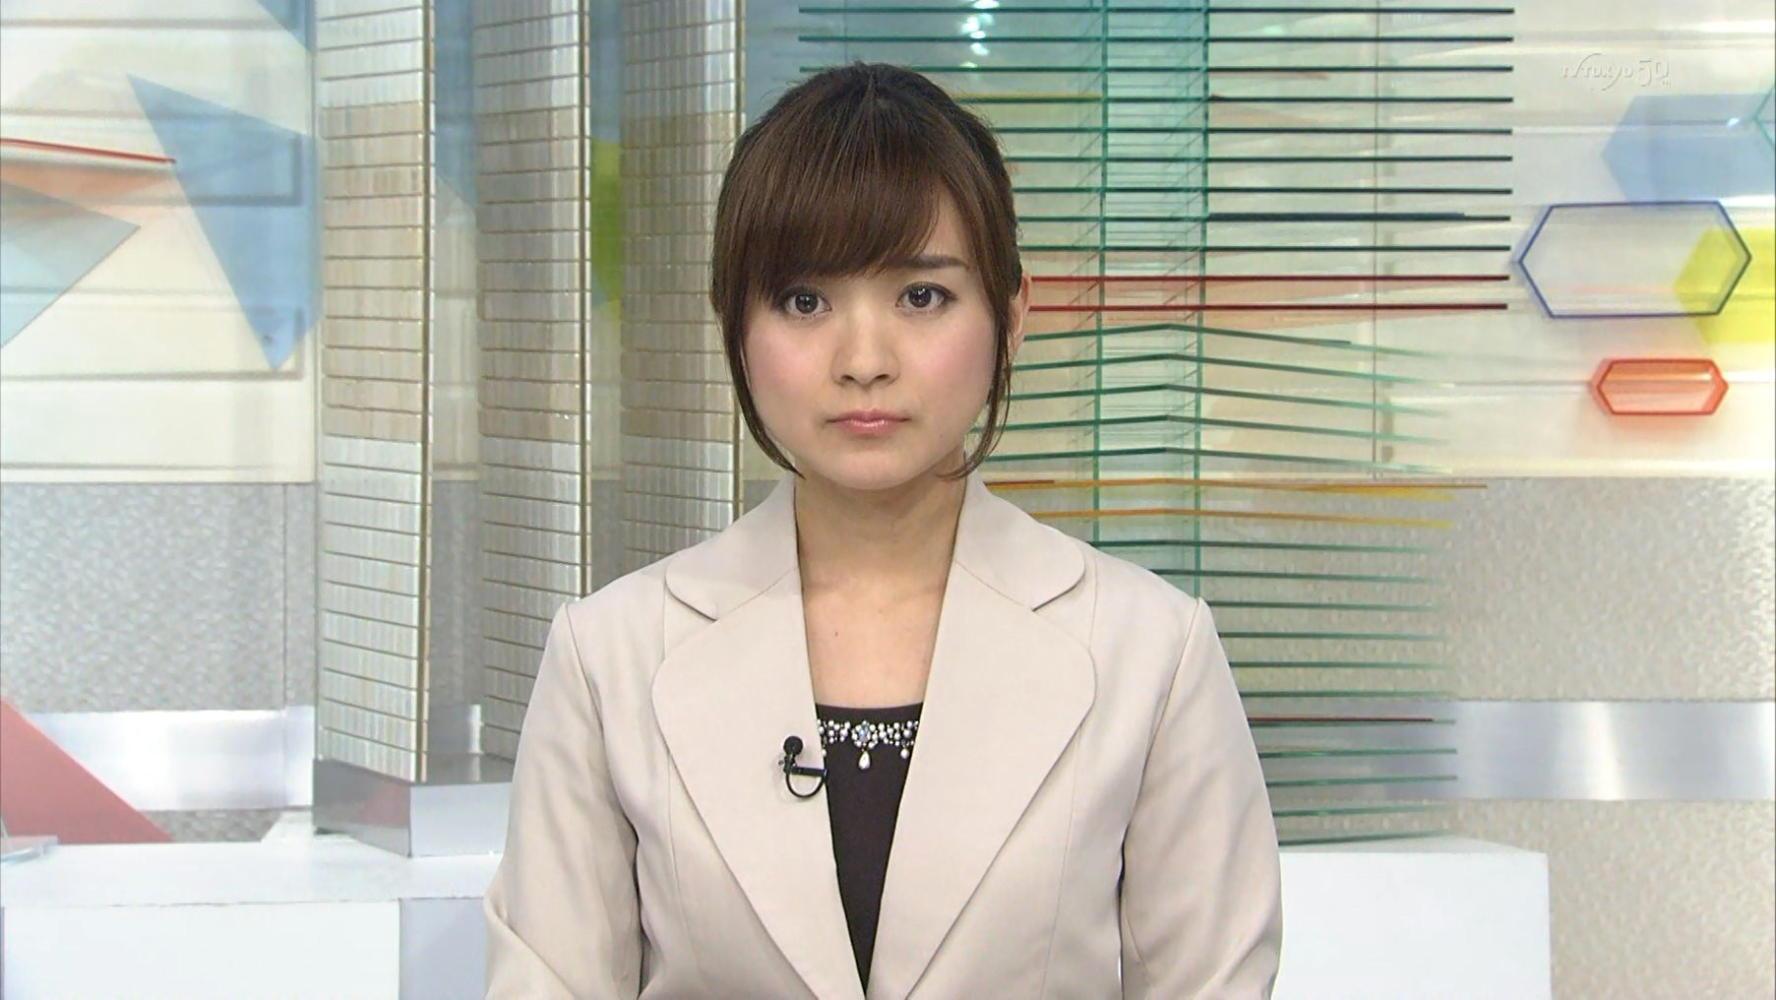 繁田美貴 TXNニュース 14/05/11:...